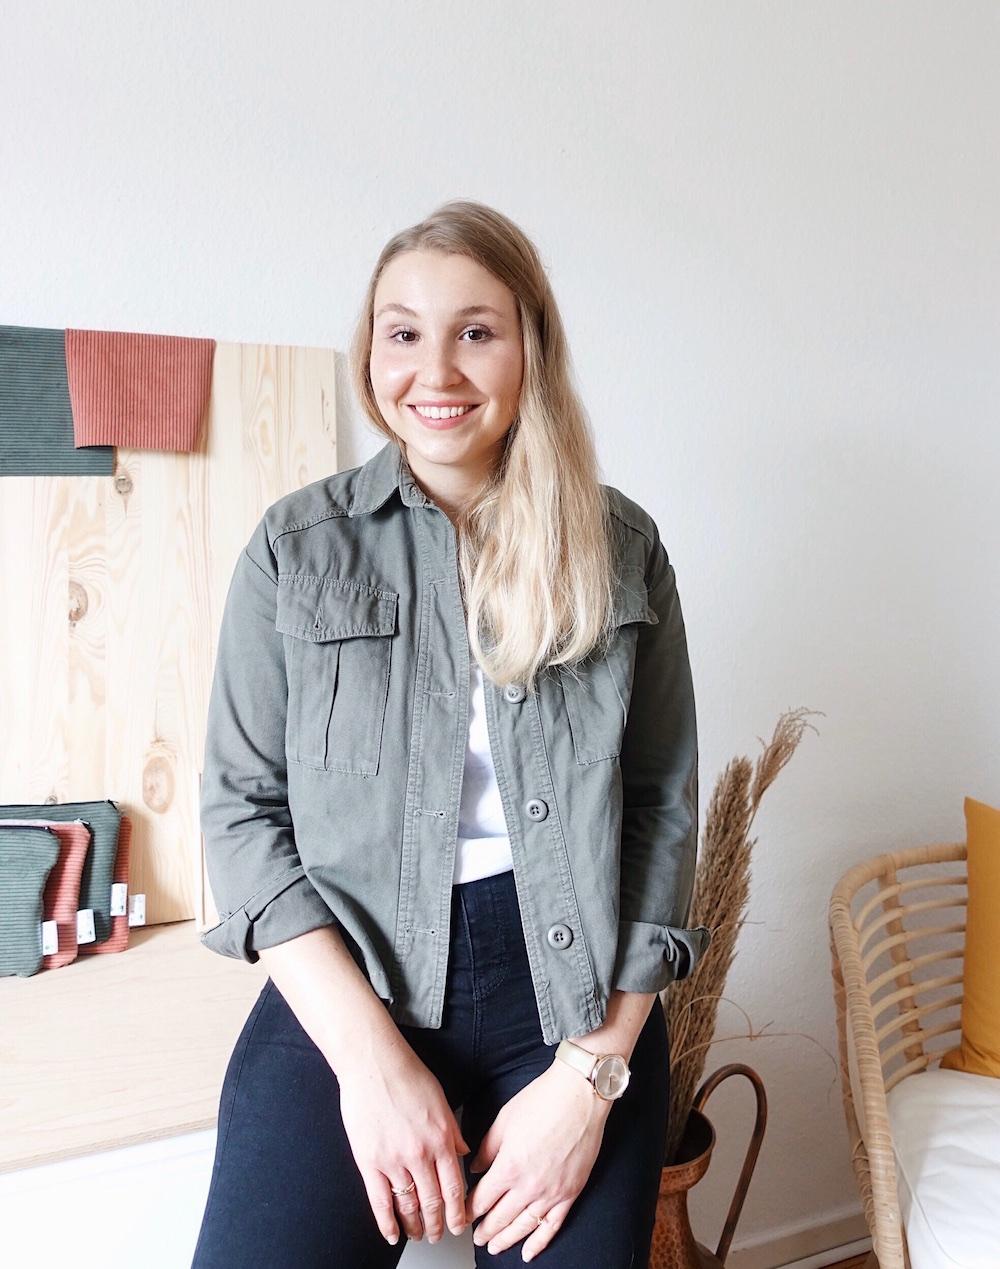 Naeh_dine_Trendige Nähkünste haben ein Online-Zuhause gefunden_Nadine Poggengerd